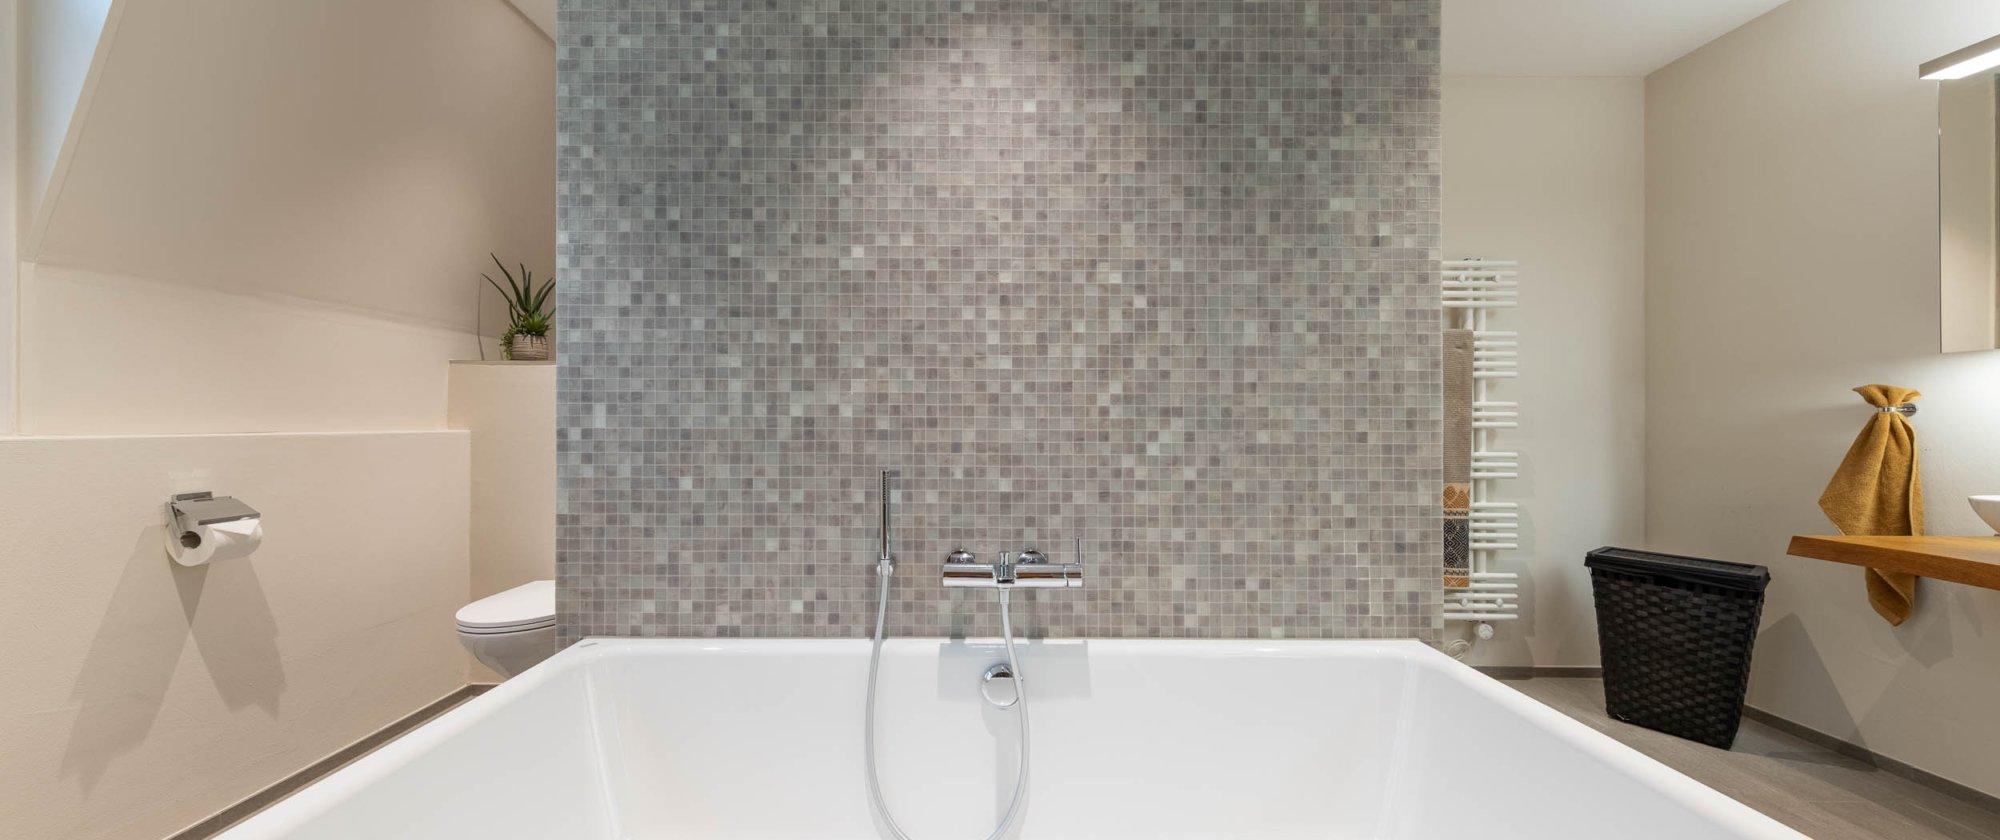 Badewanne vor stilvoller Mosaikwand